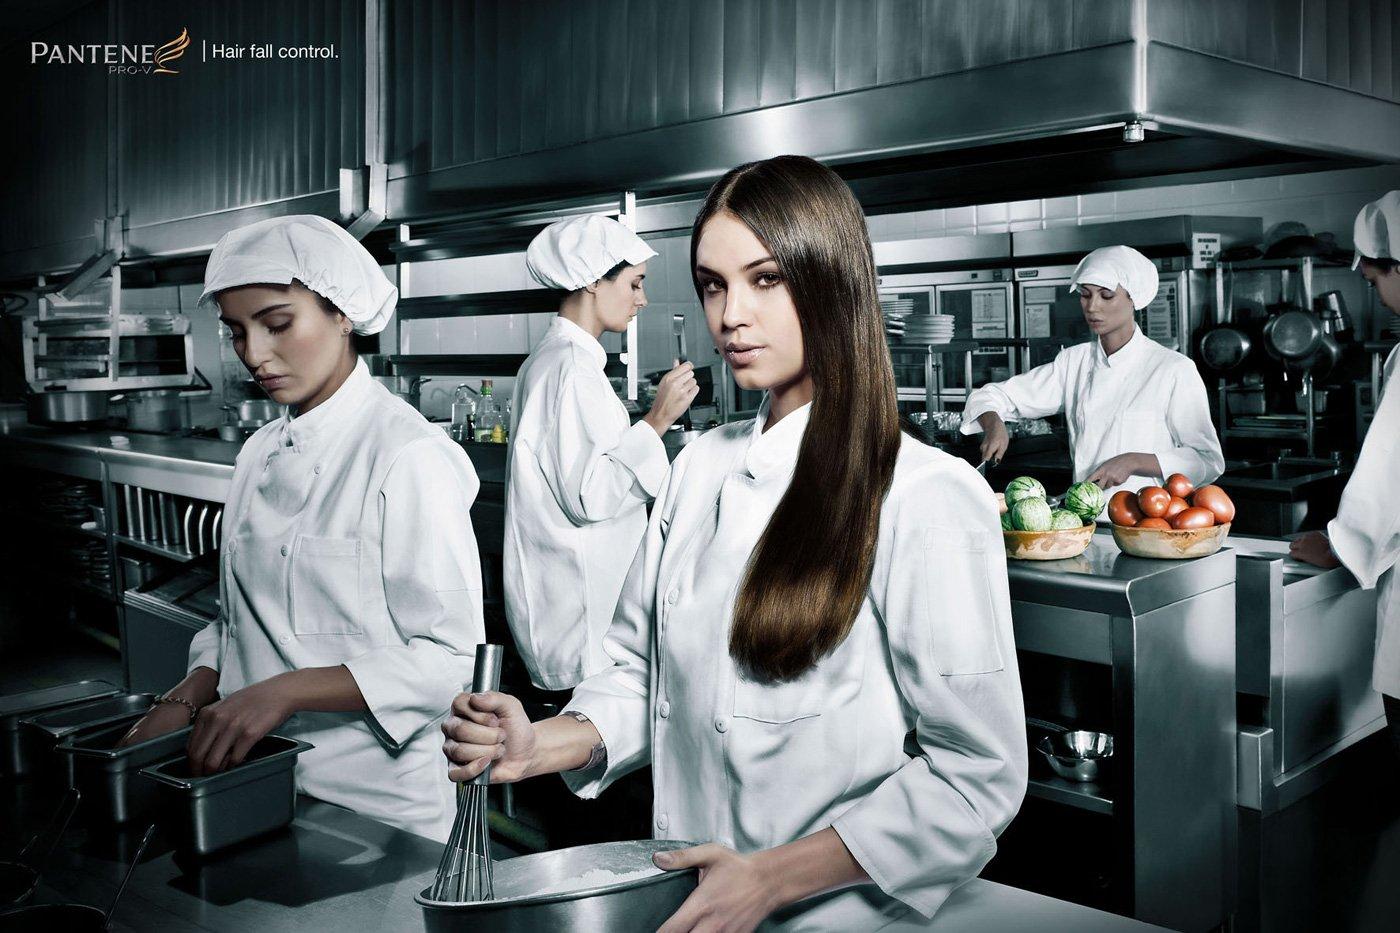 Профессиональные фотографии девушка на кухне 2 фотография